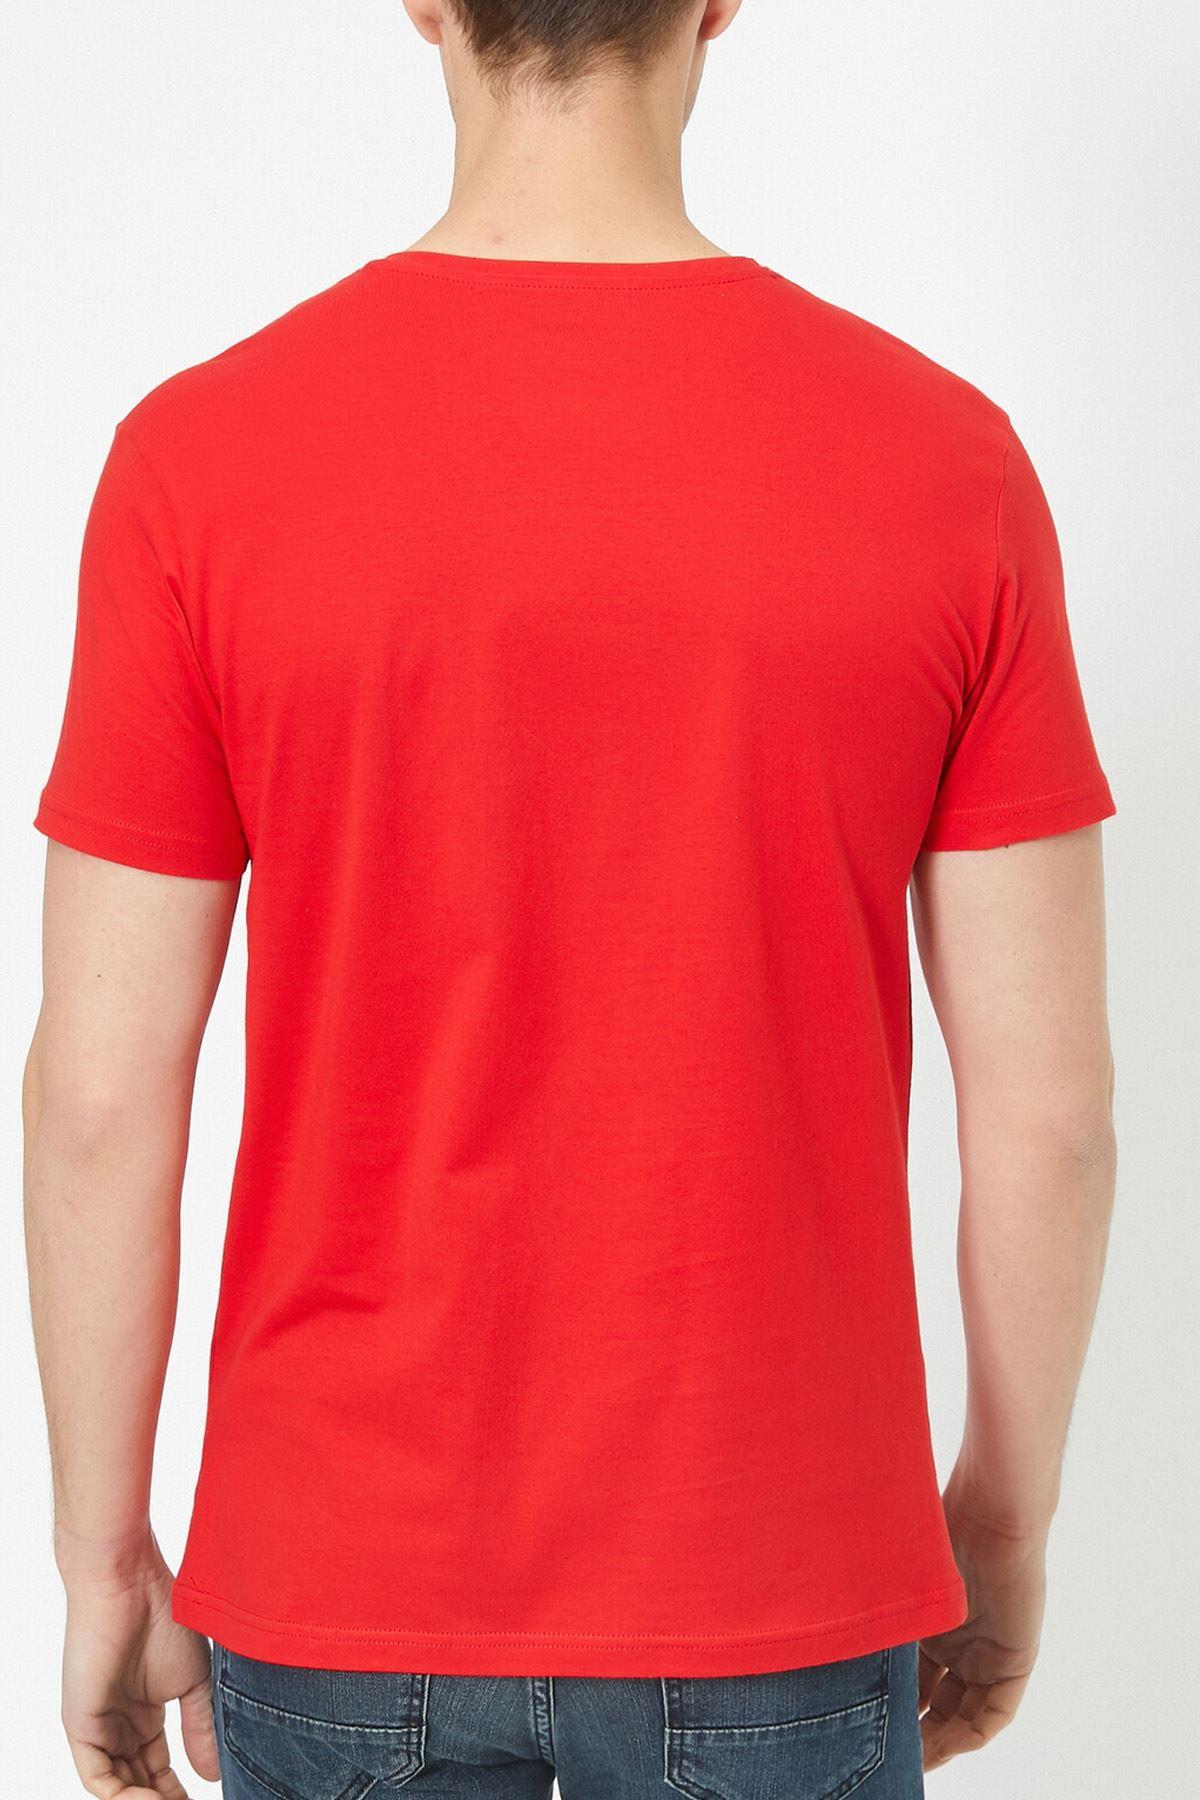 Anime Let's Jam Kırmızı Erkek Tshirt - Tişört